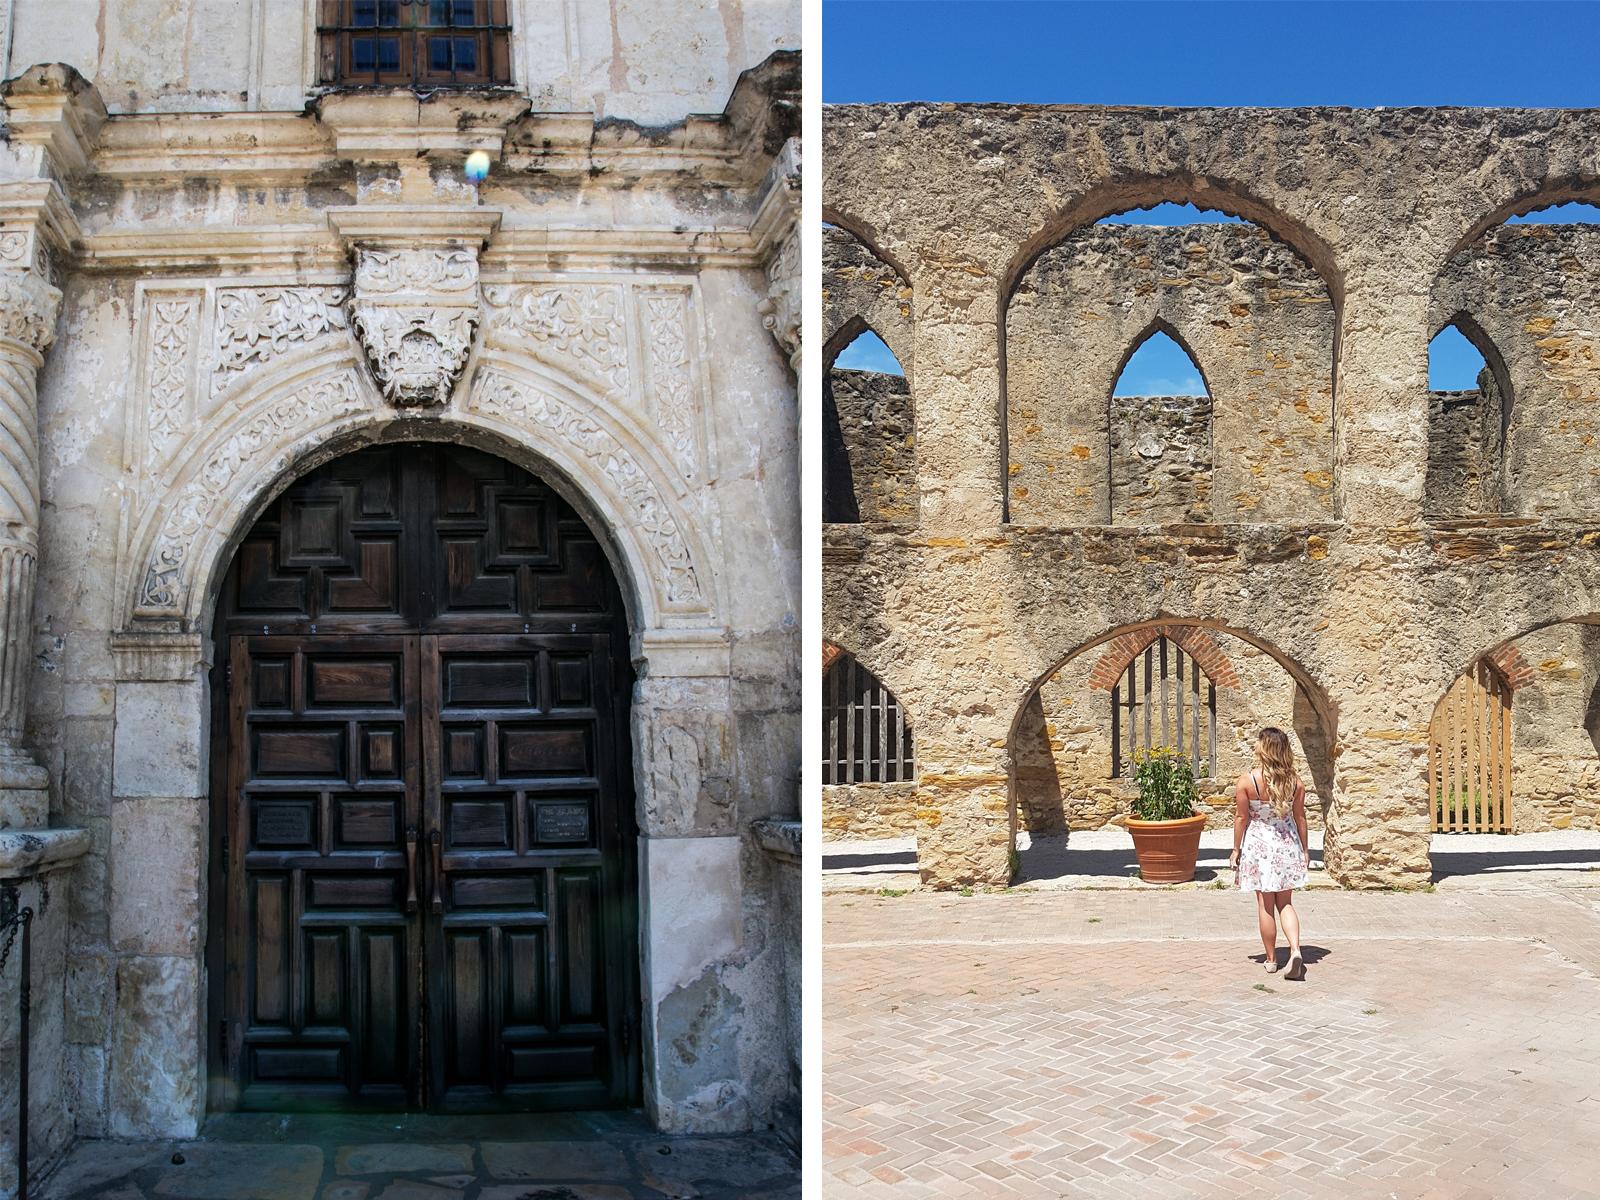 San Antonio Alamo Mission San Jose Mission